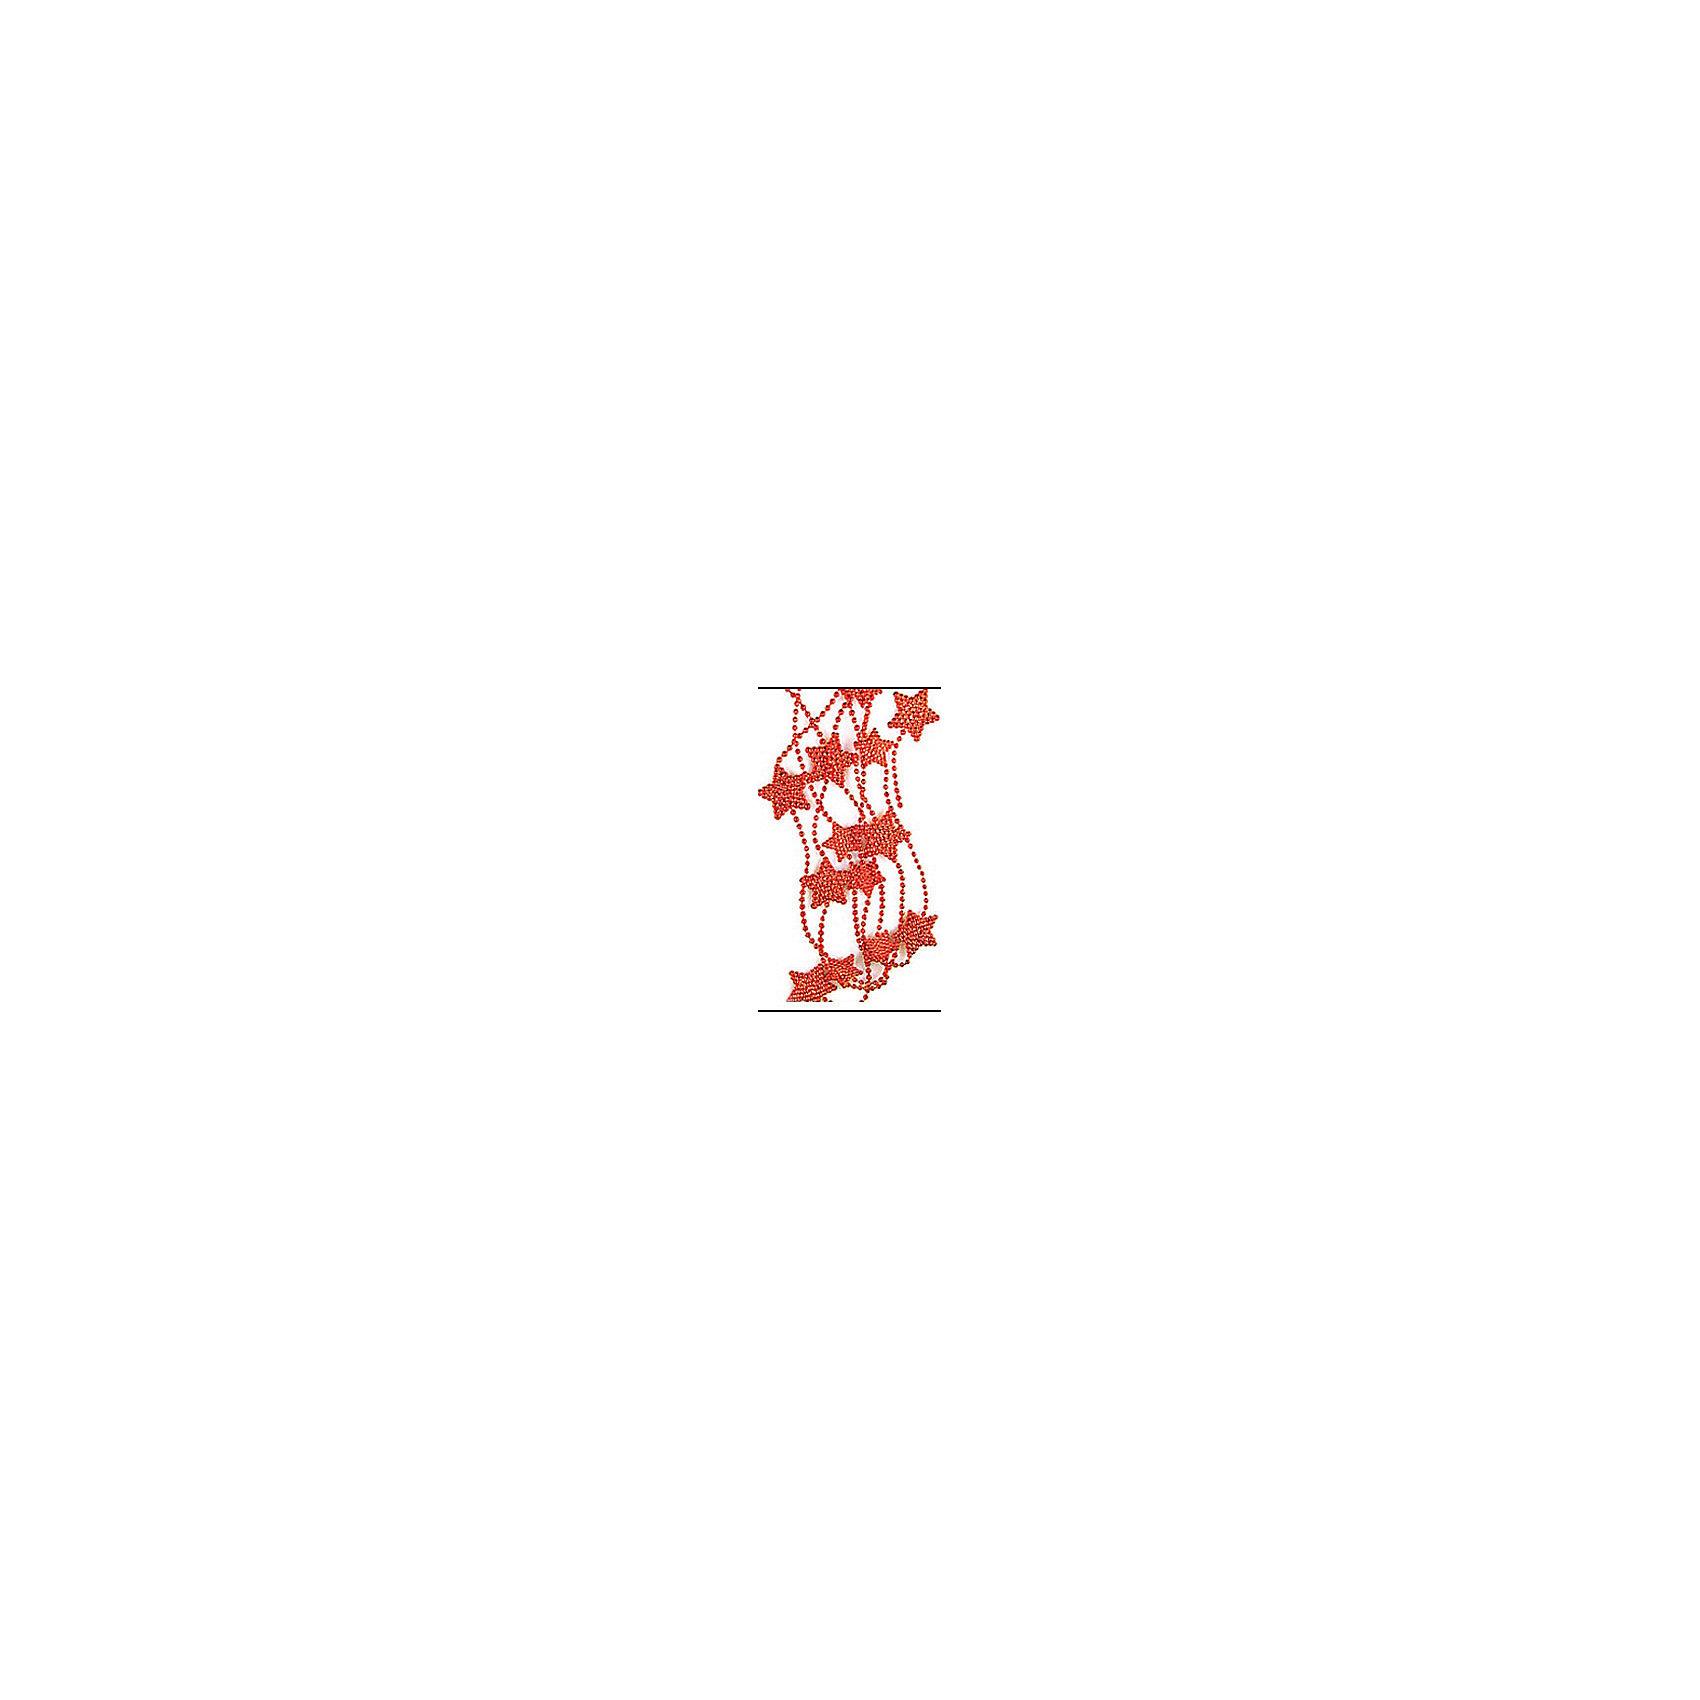 Marko Ferenzo Бусы Звезда 2,5м оранжевые бусы длинные из содалита россыпи